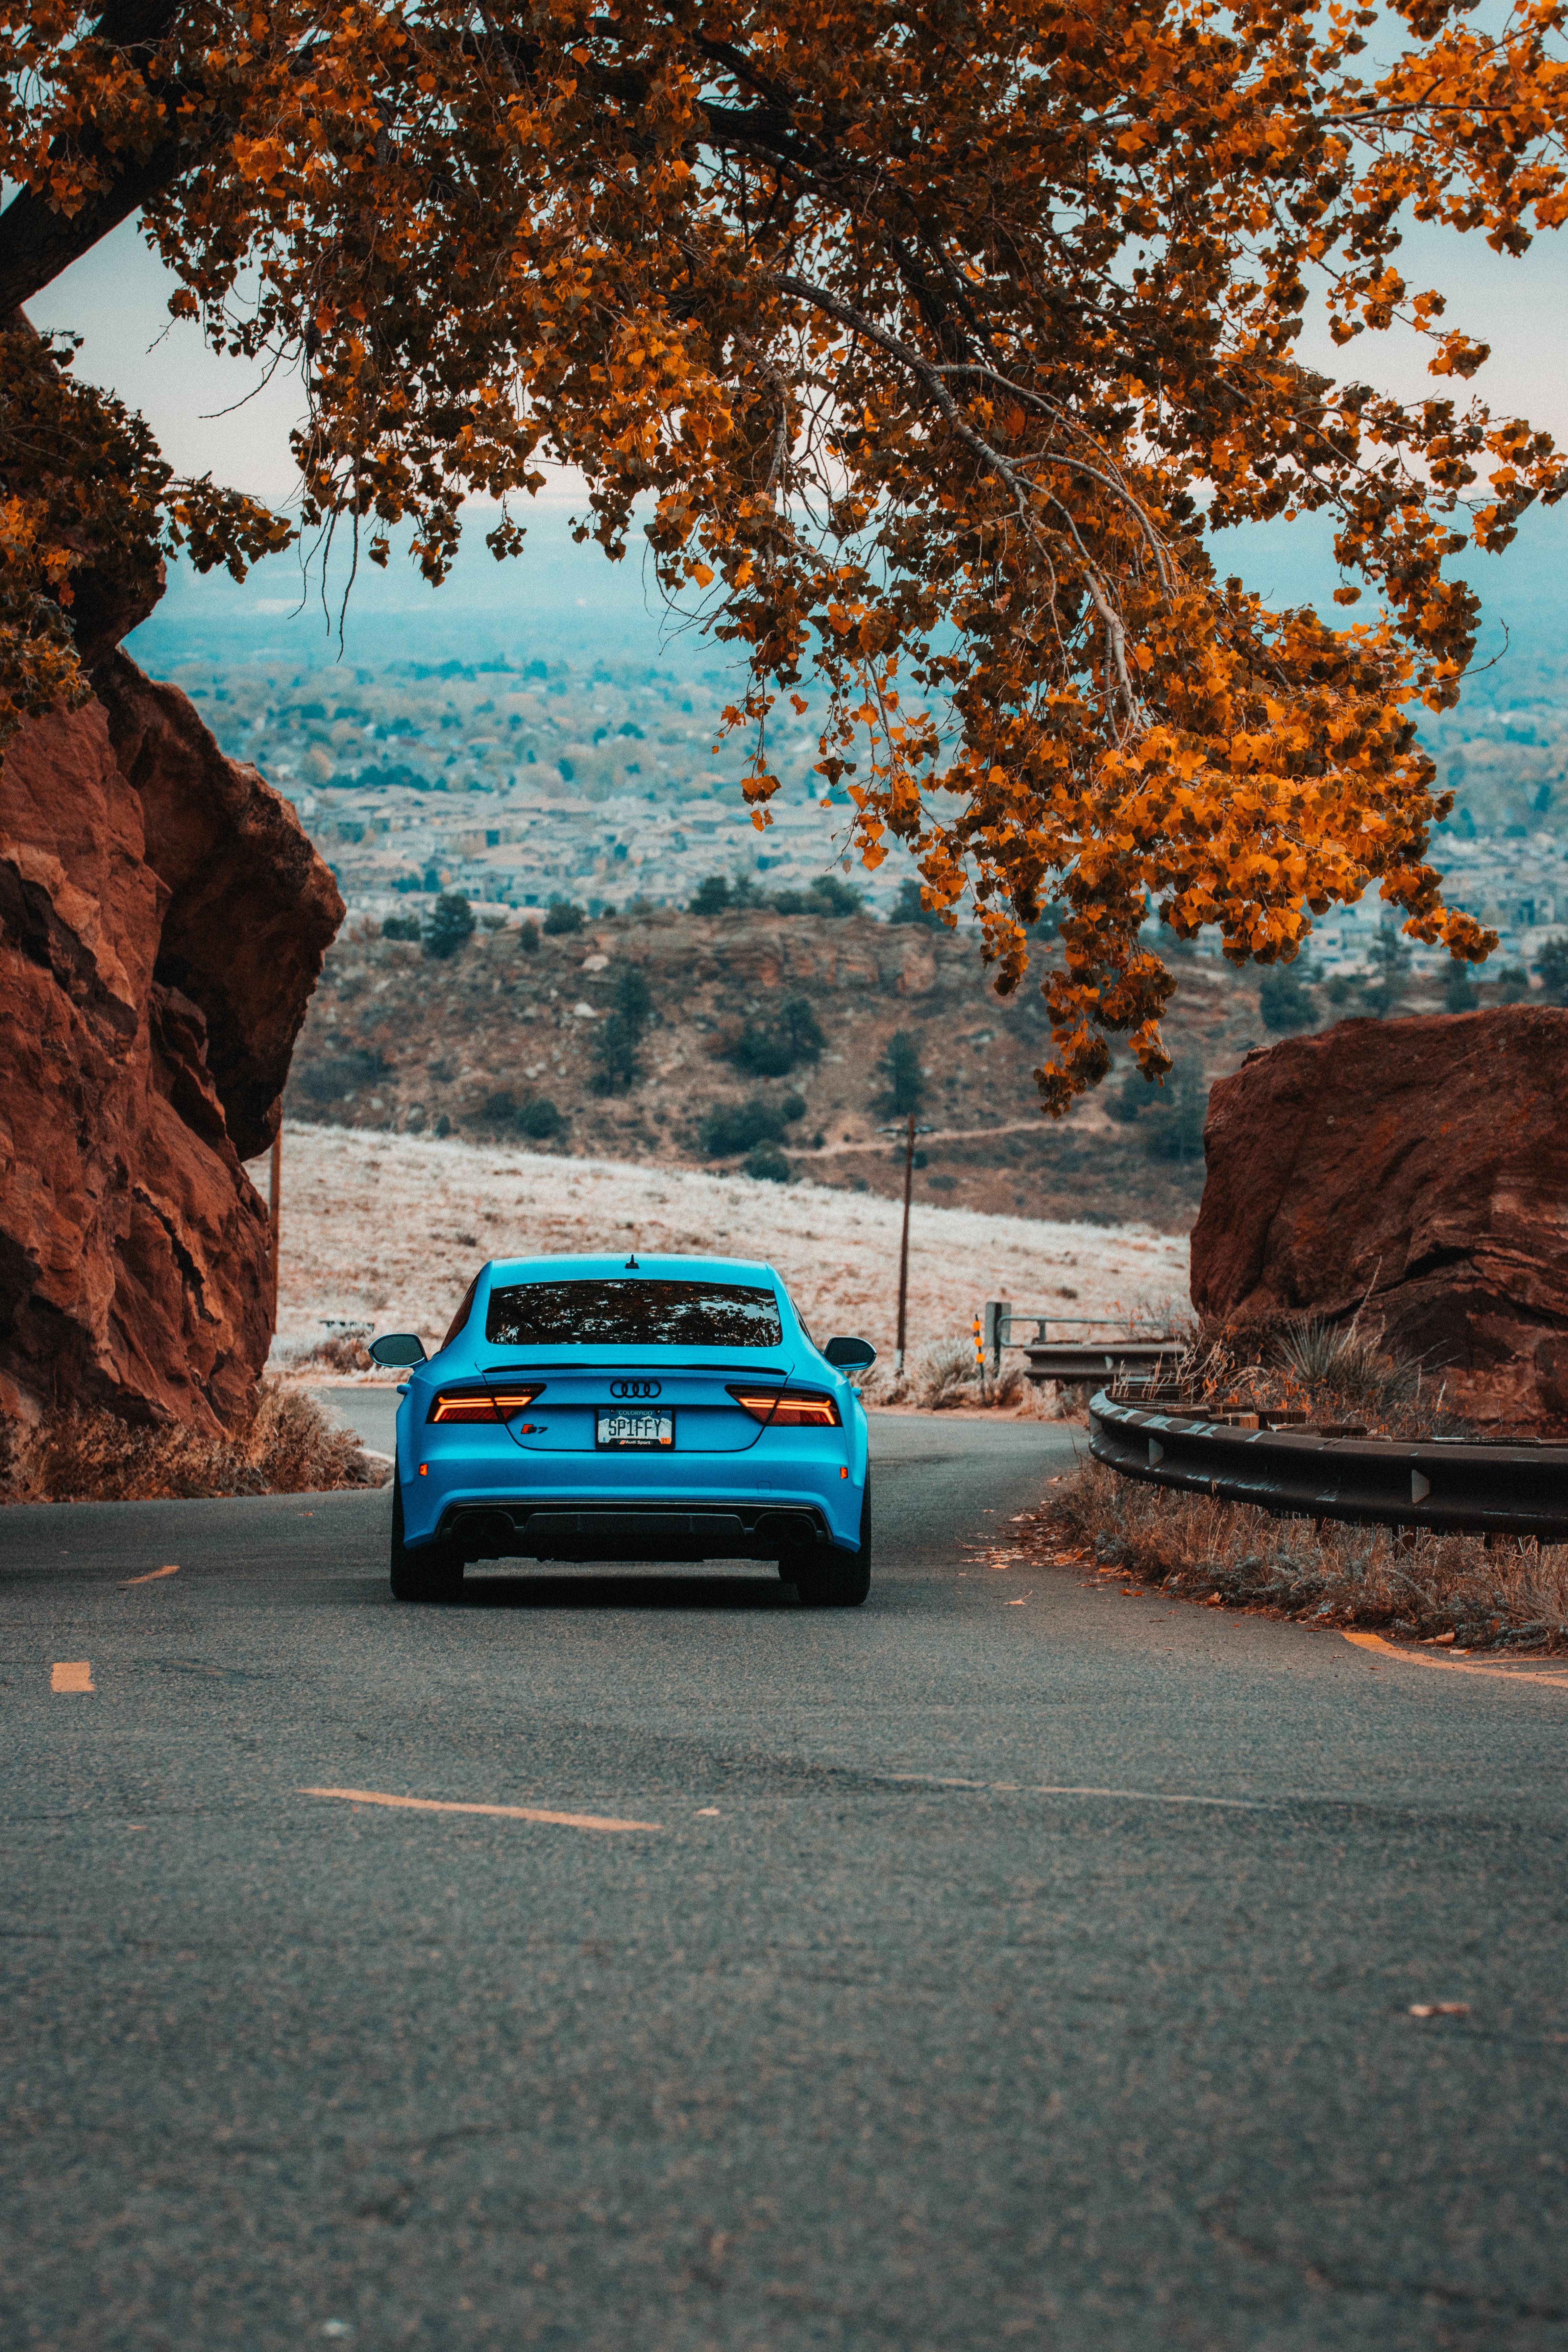 124651 скачать обои Тачки (Cars), Audi S7, Ауди (Audi), Автомобиль, Синий, Дорога - заставки и картинки бесплатно